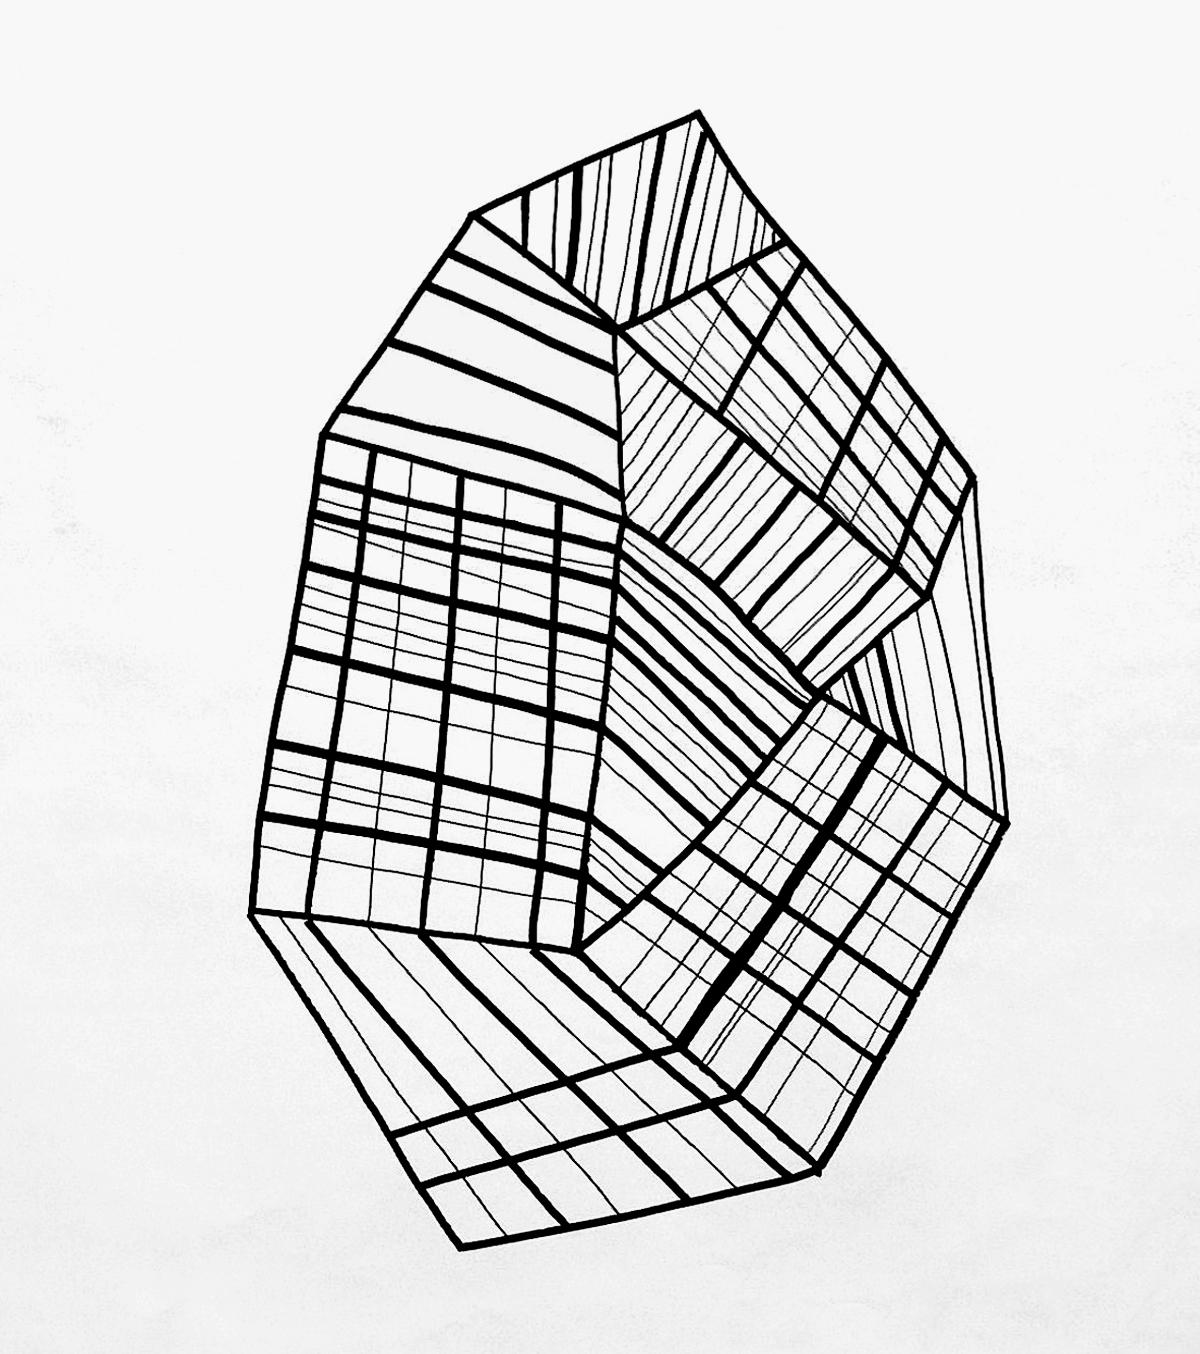 Dessin de recherche – Fusain sur papier